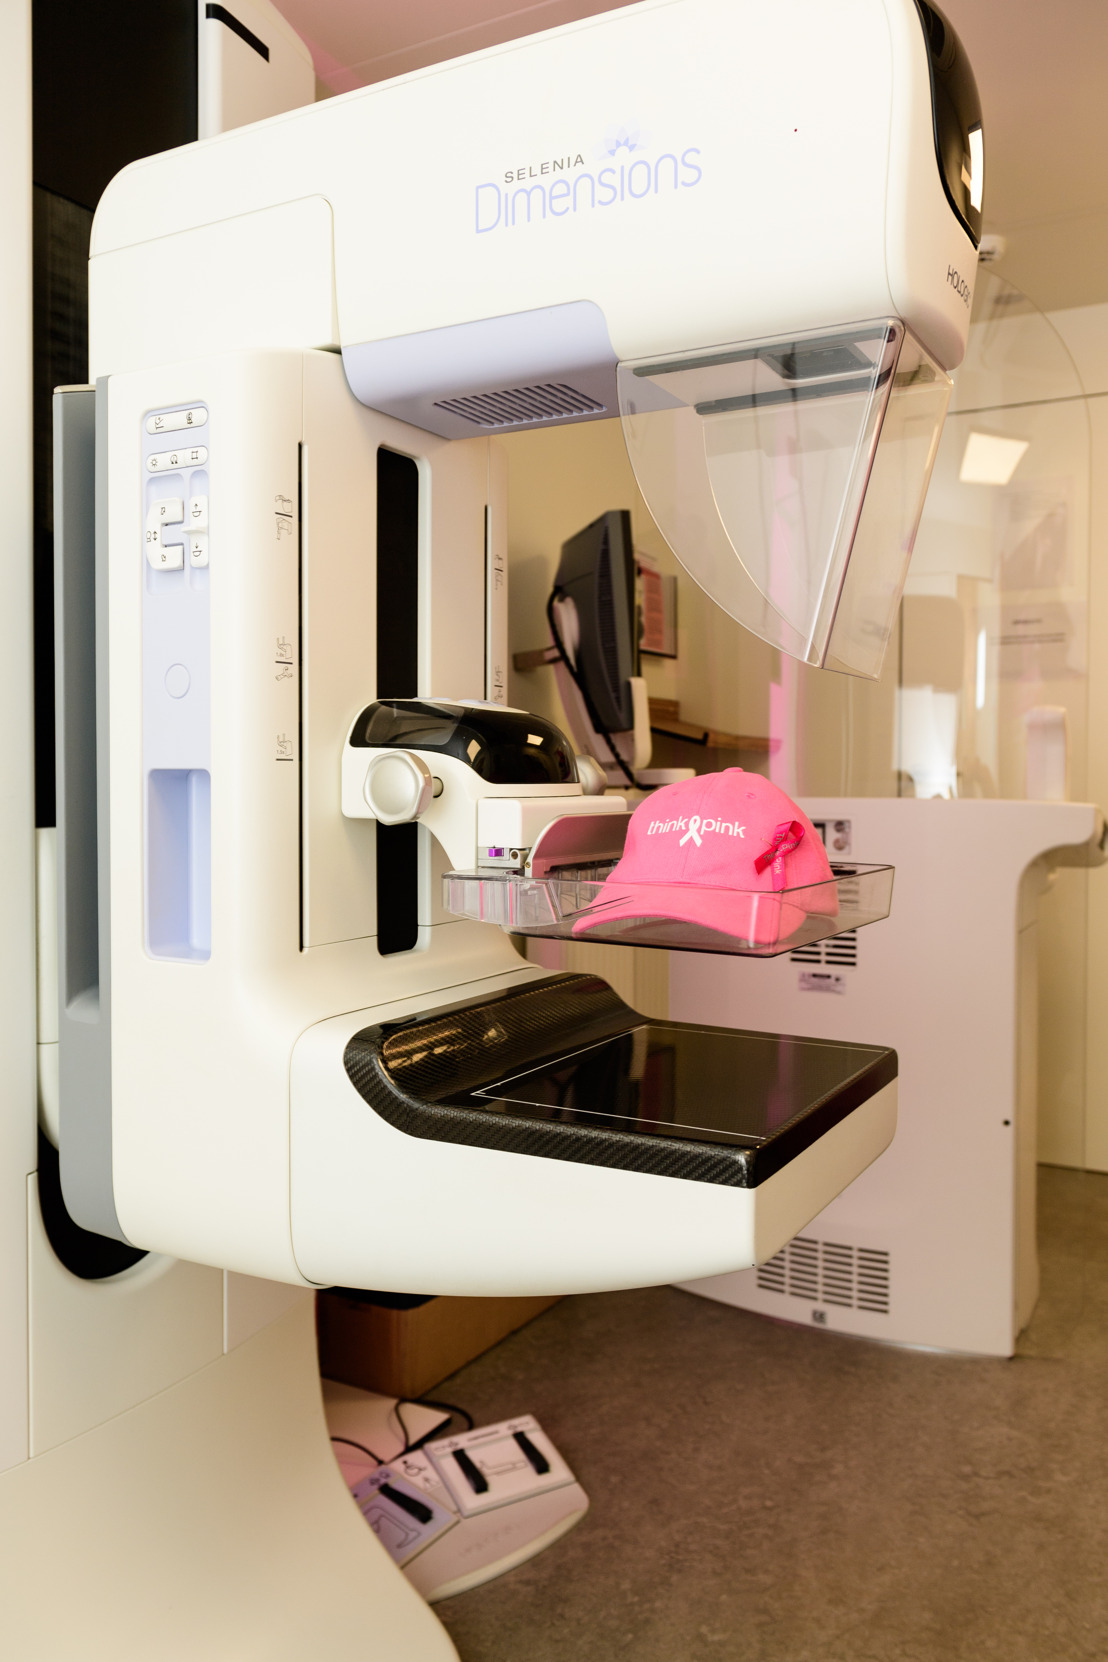 Eerste daling aantal borstkankerdiagnoses in 15 jaar tijd